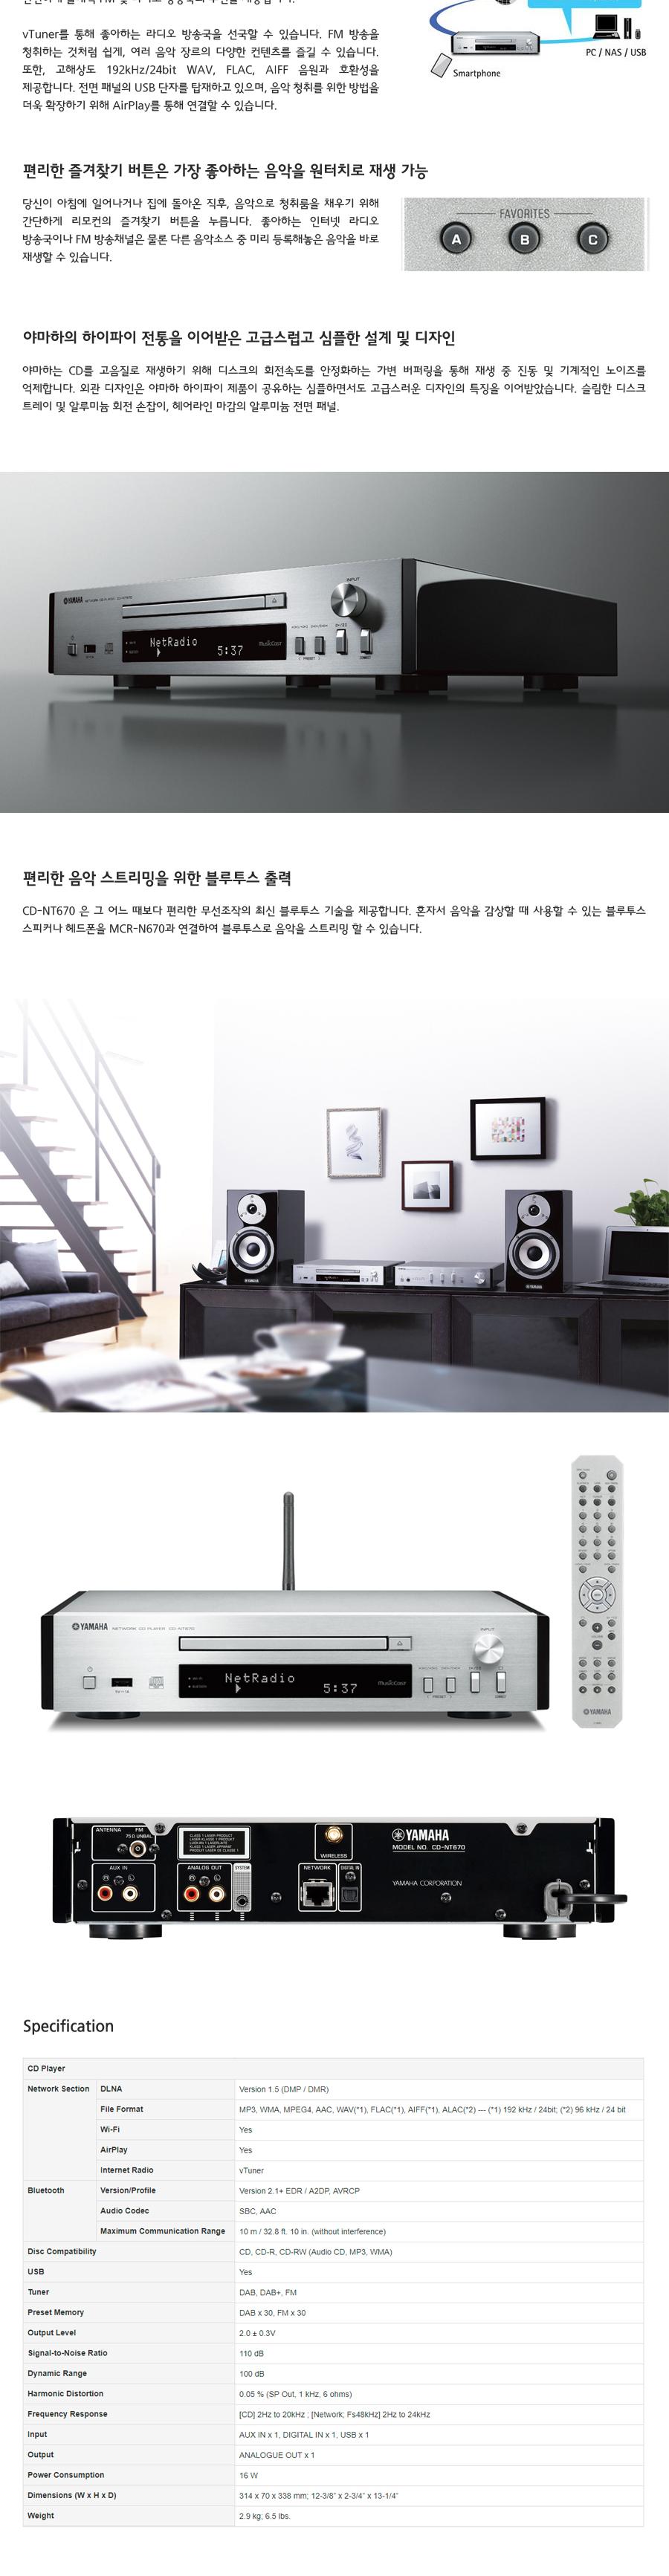 yamaha cd cd nt670 a 670. Black Bedroom Furniture Sets. Home Design Ideas